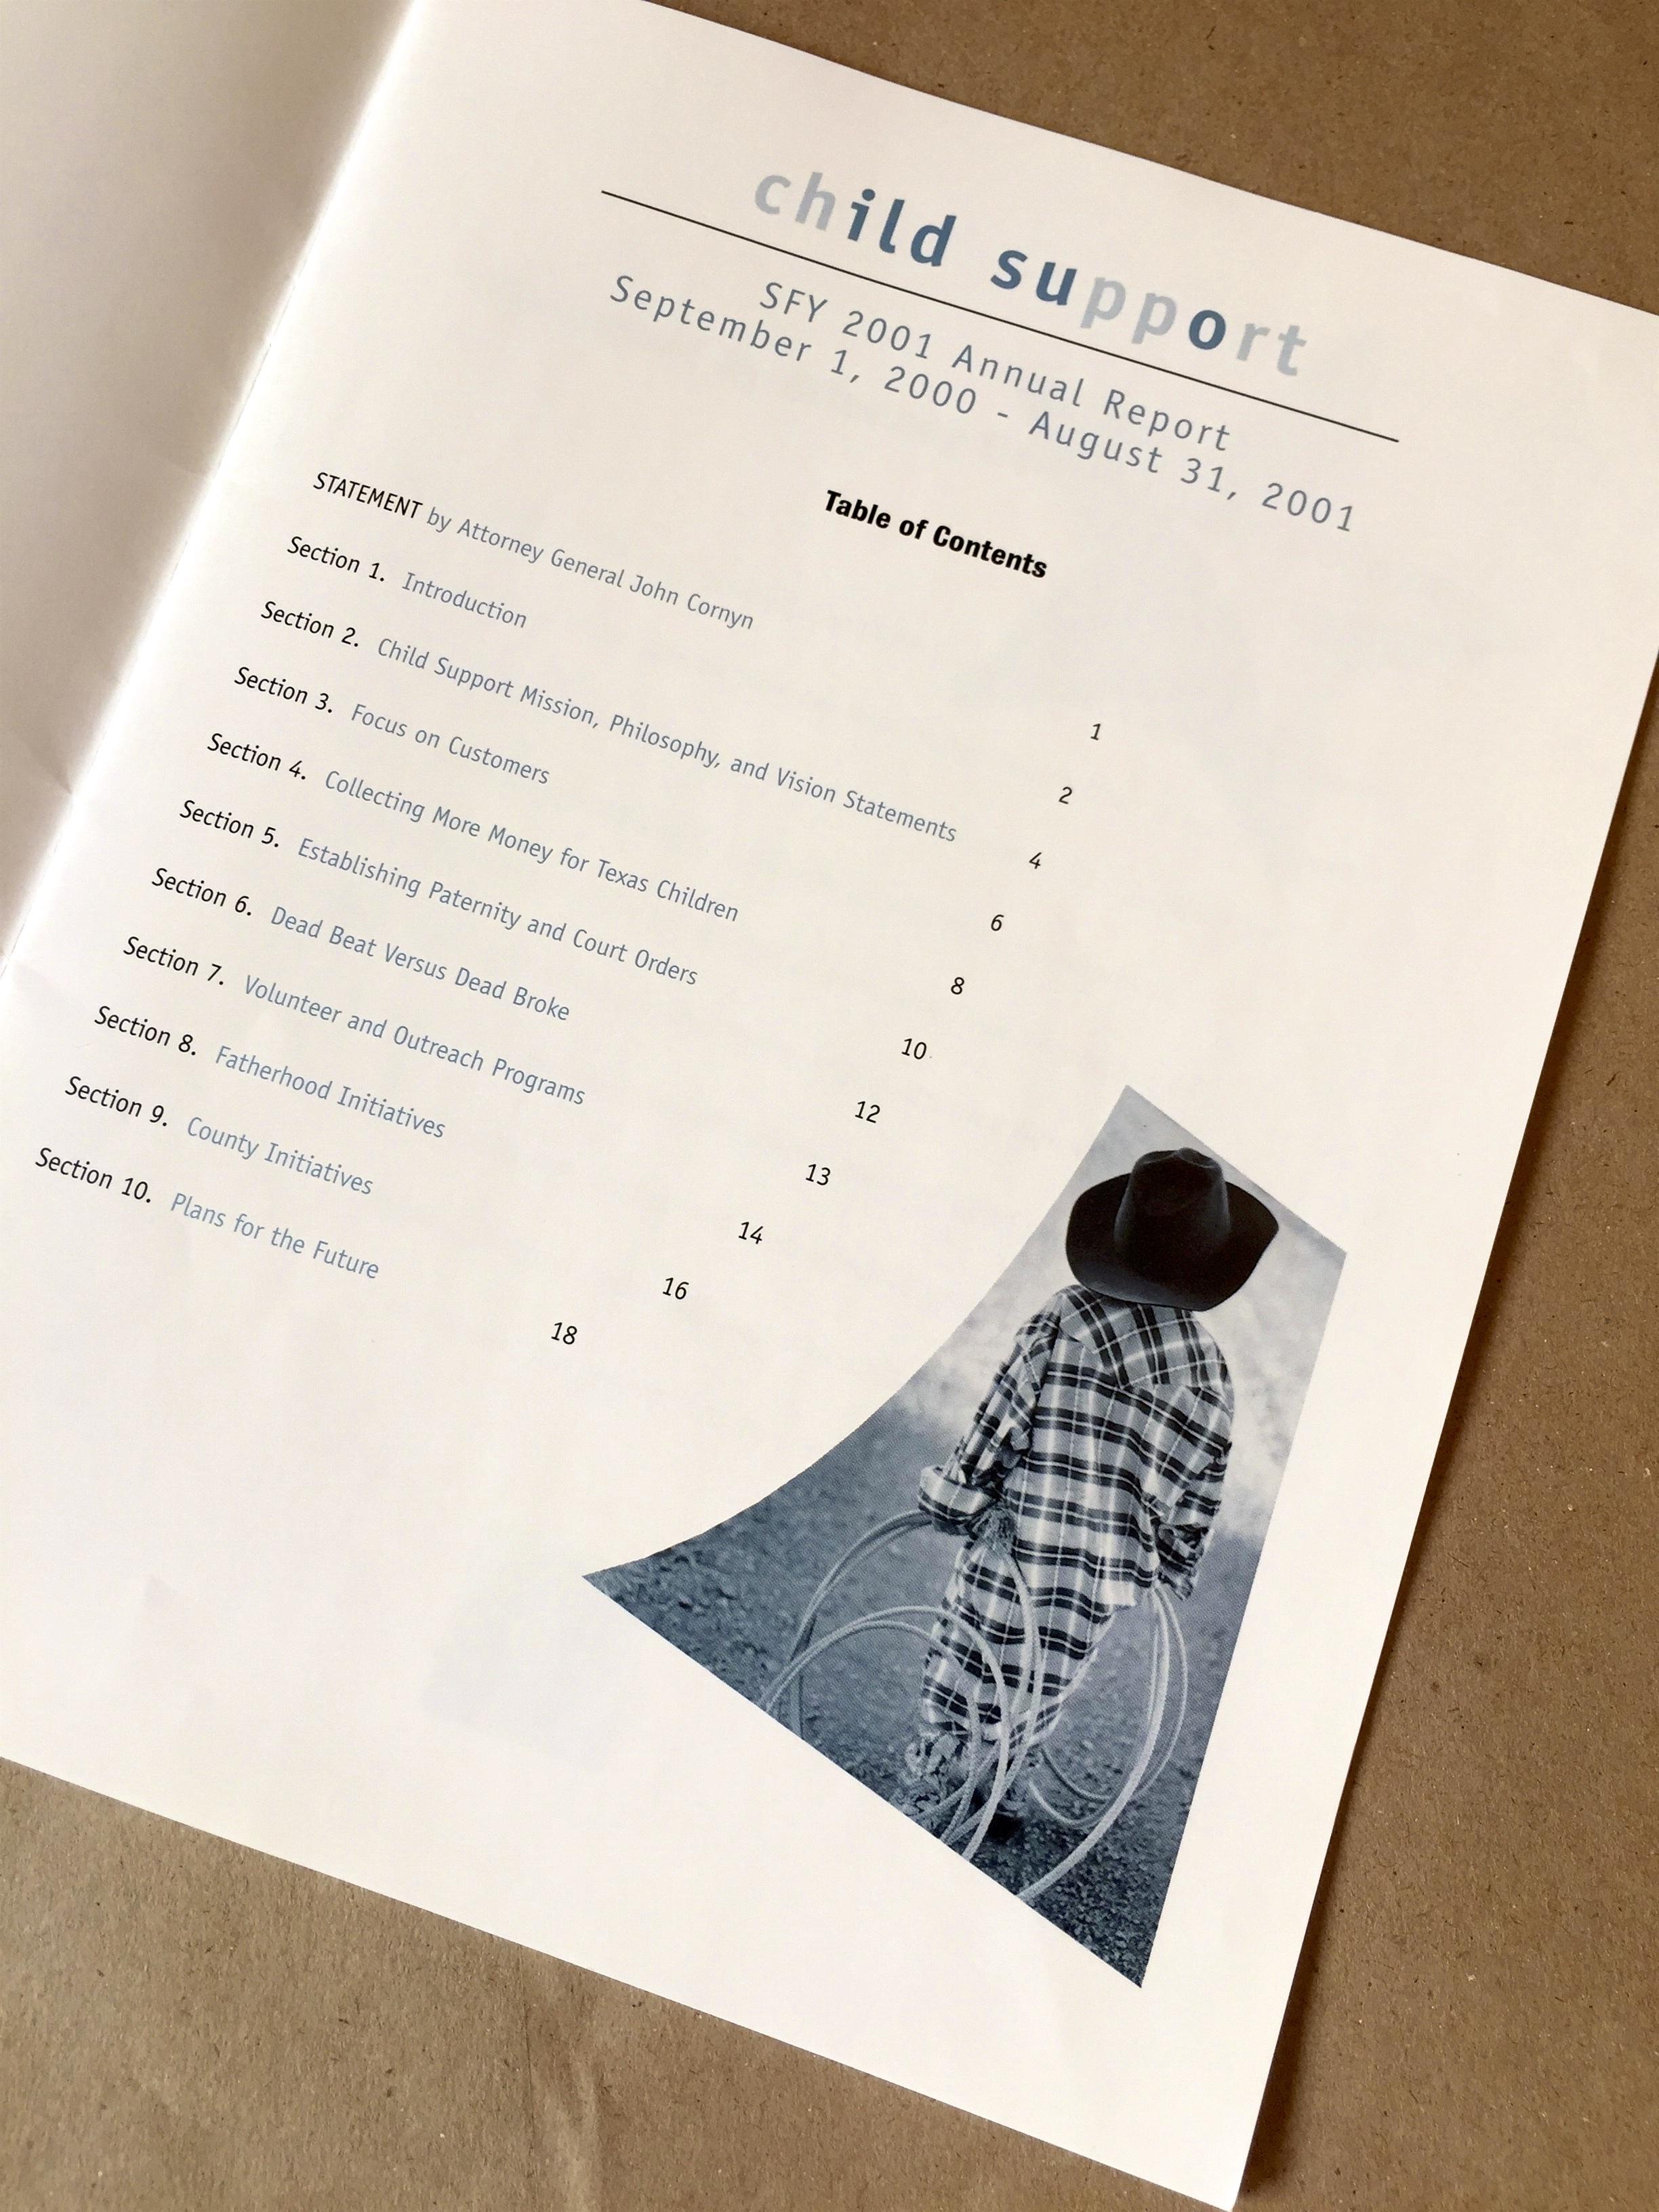 Child Support Division Annual Report – xochitl colarusso